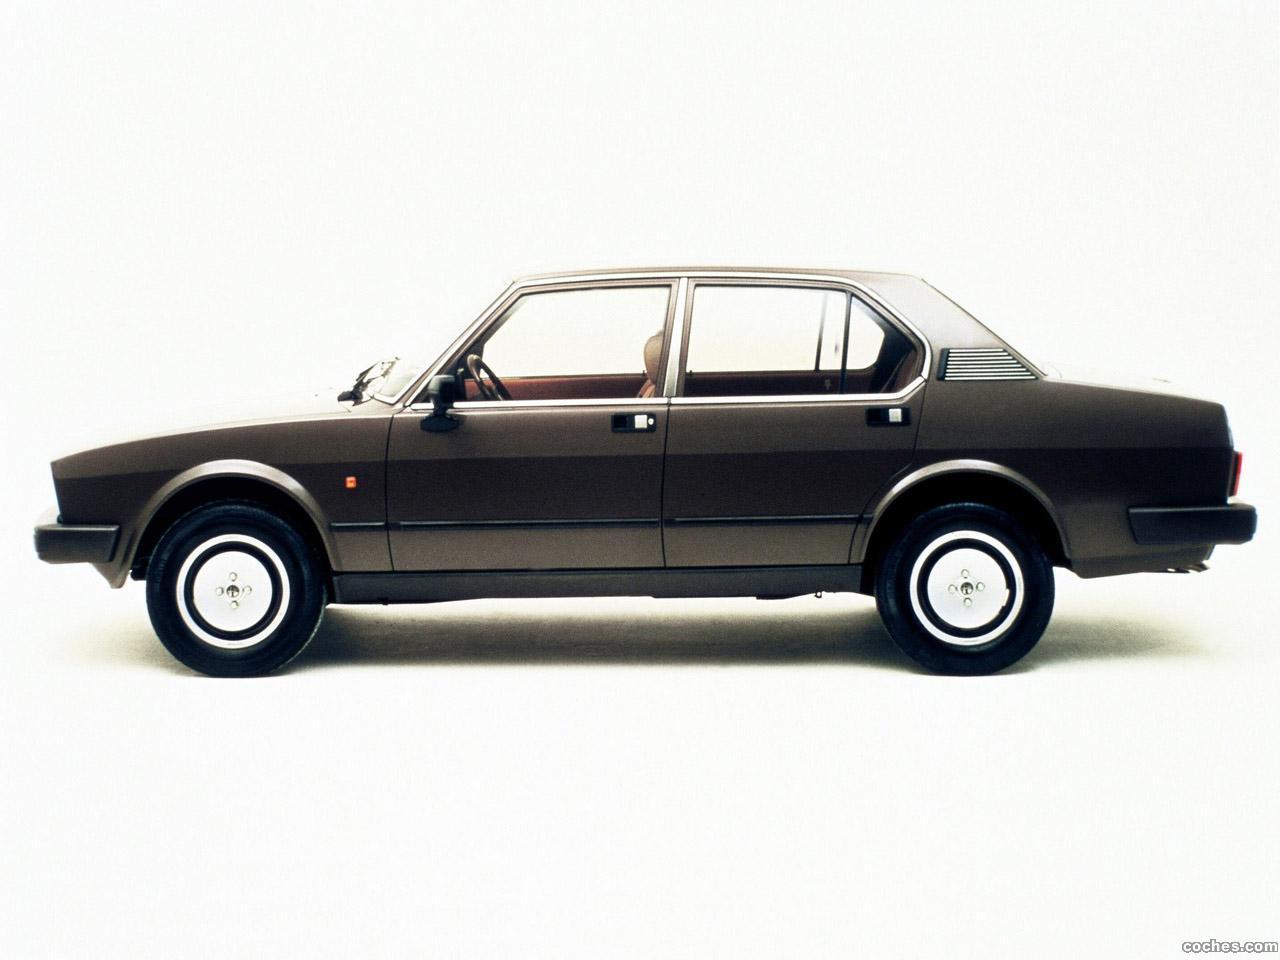 Foto 1 de Alfetta 2.0i Quadrifoglio Oro 1982